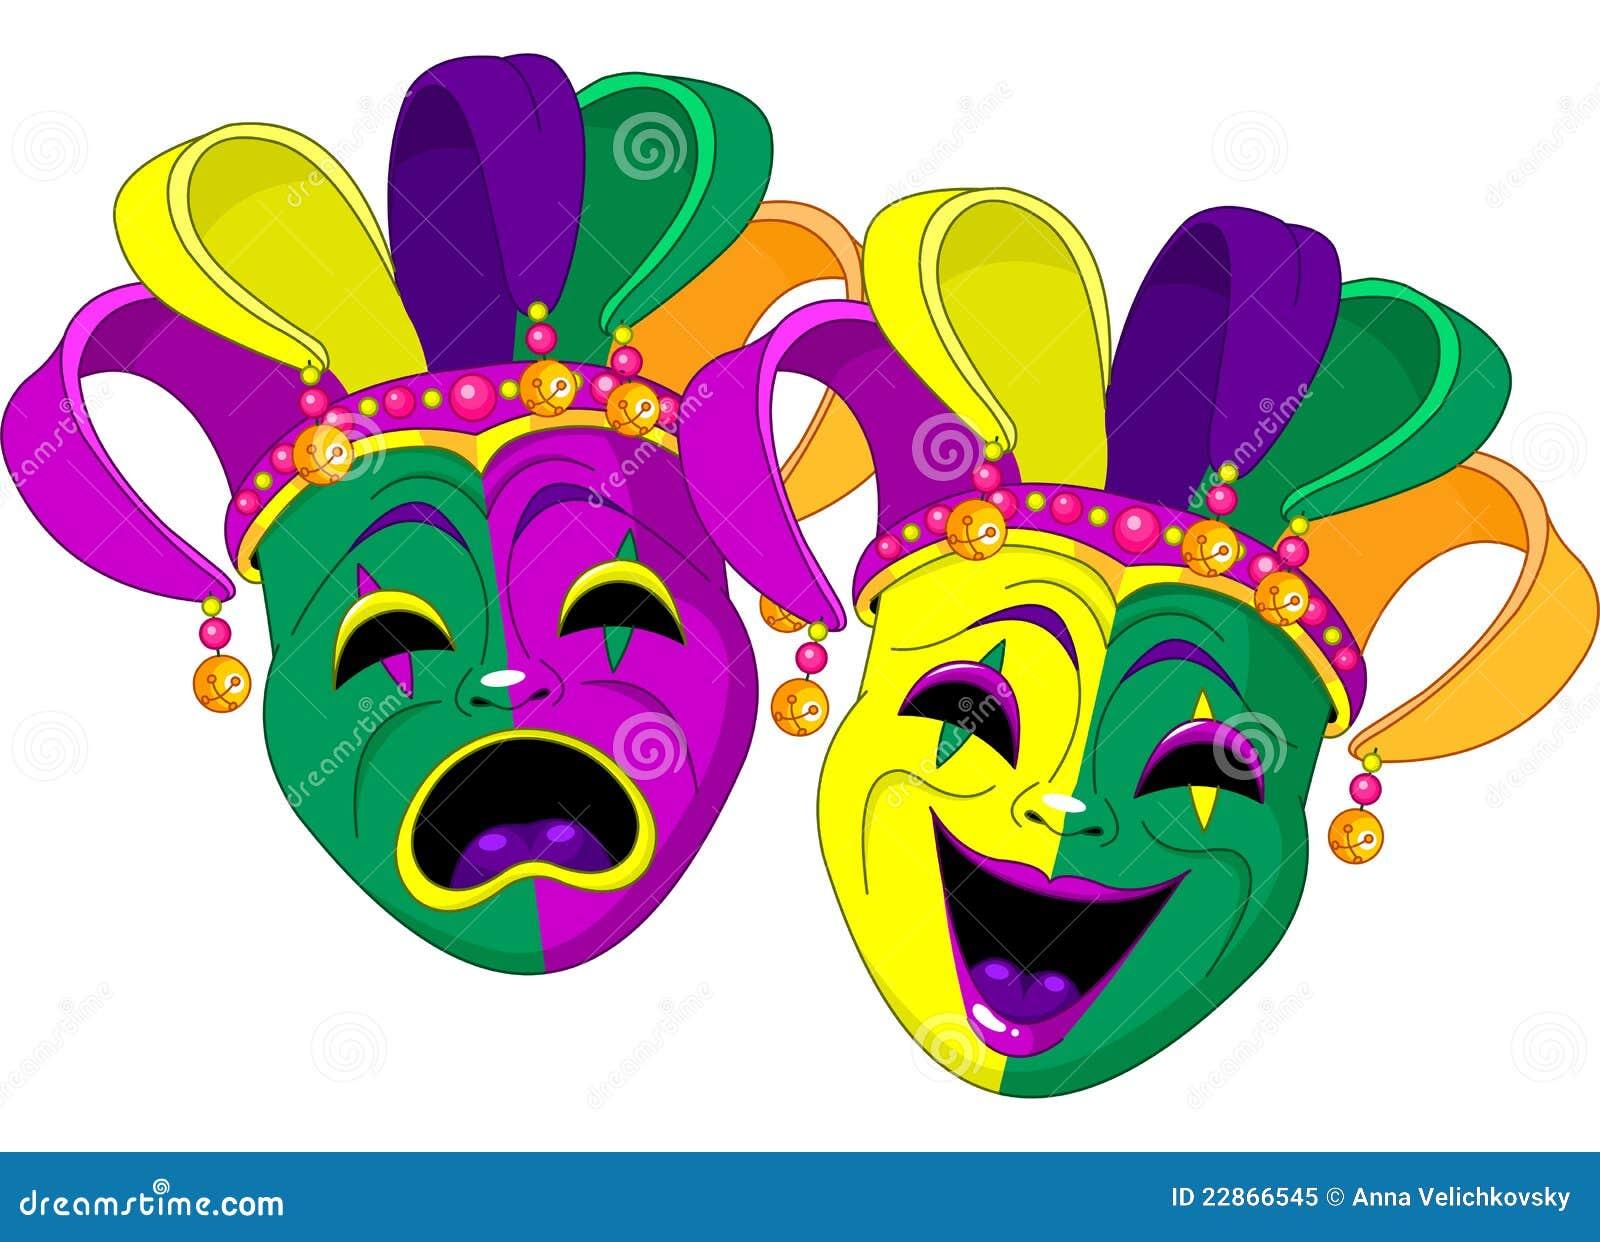 mardi gras masks stock vector illustration of smile. Black Bedroom Furniture Sets. Home Design Ideas